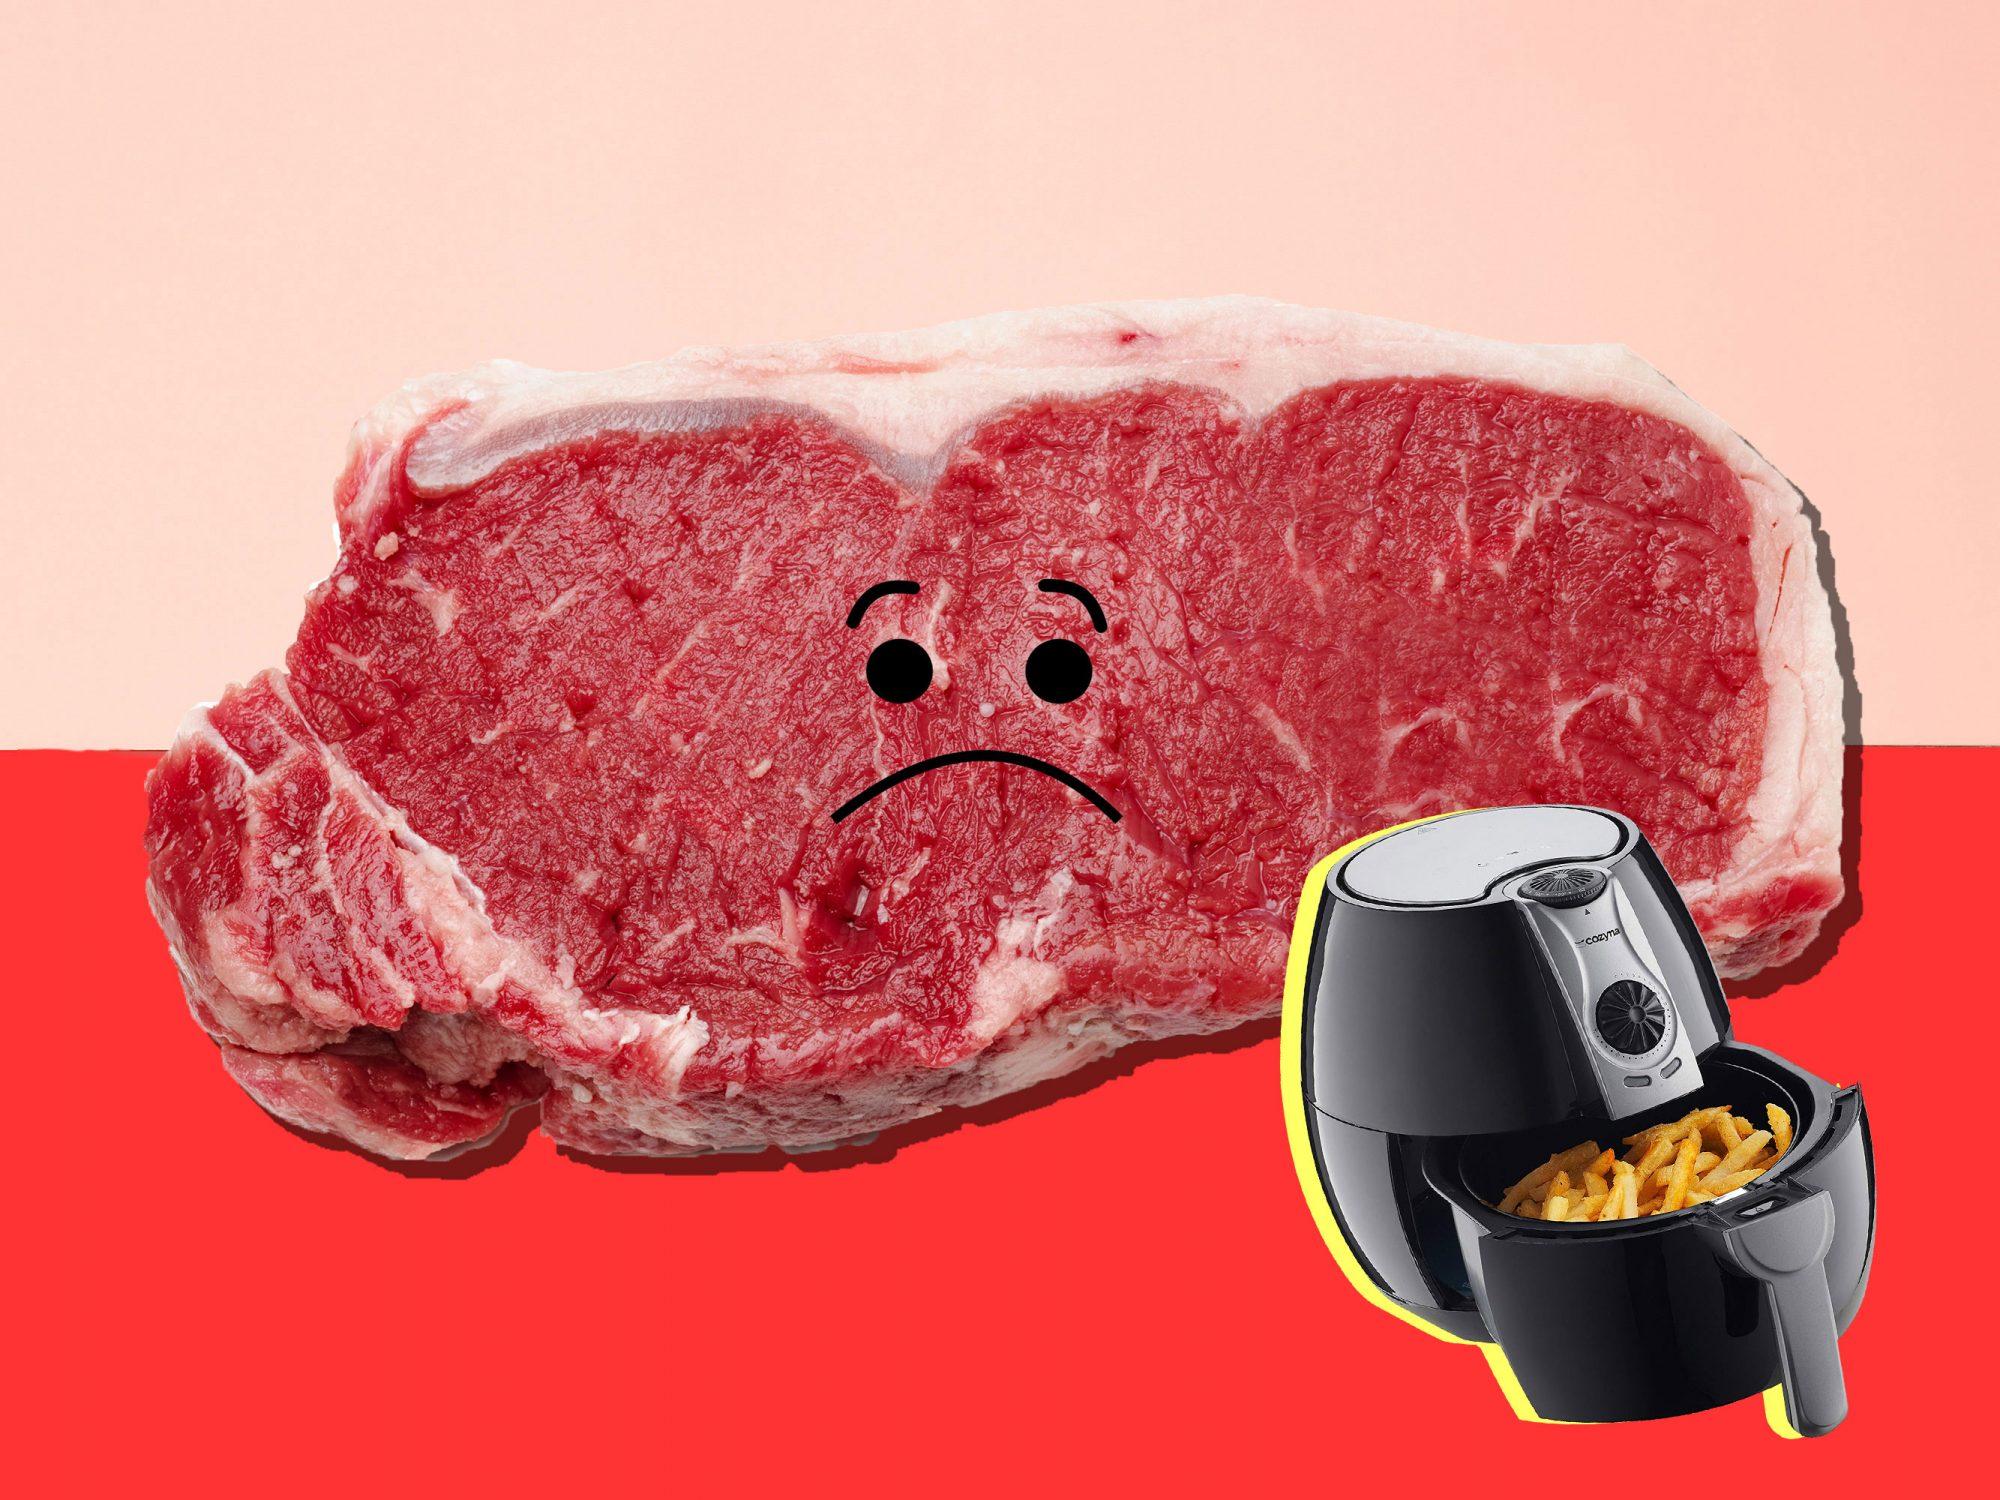 Air Fryer Steak Fail